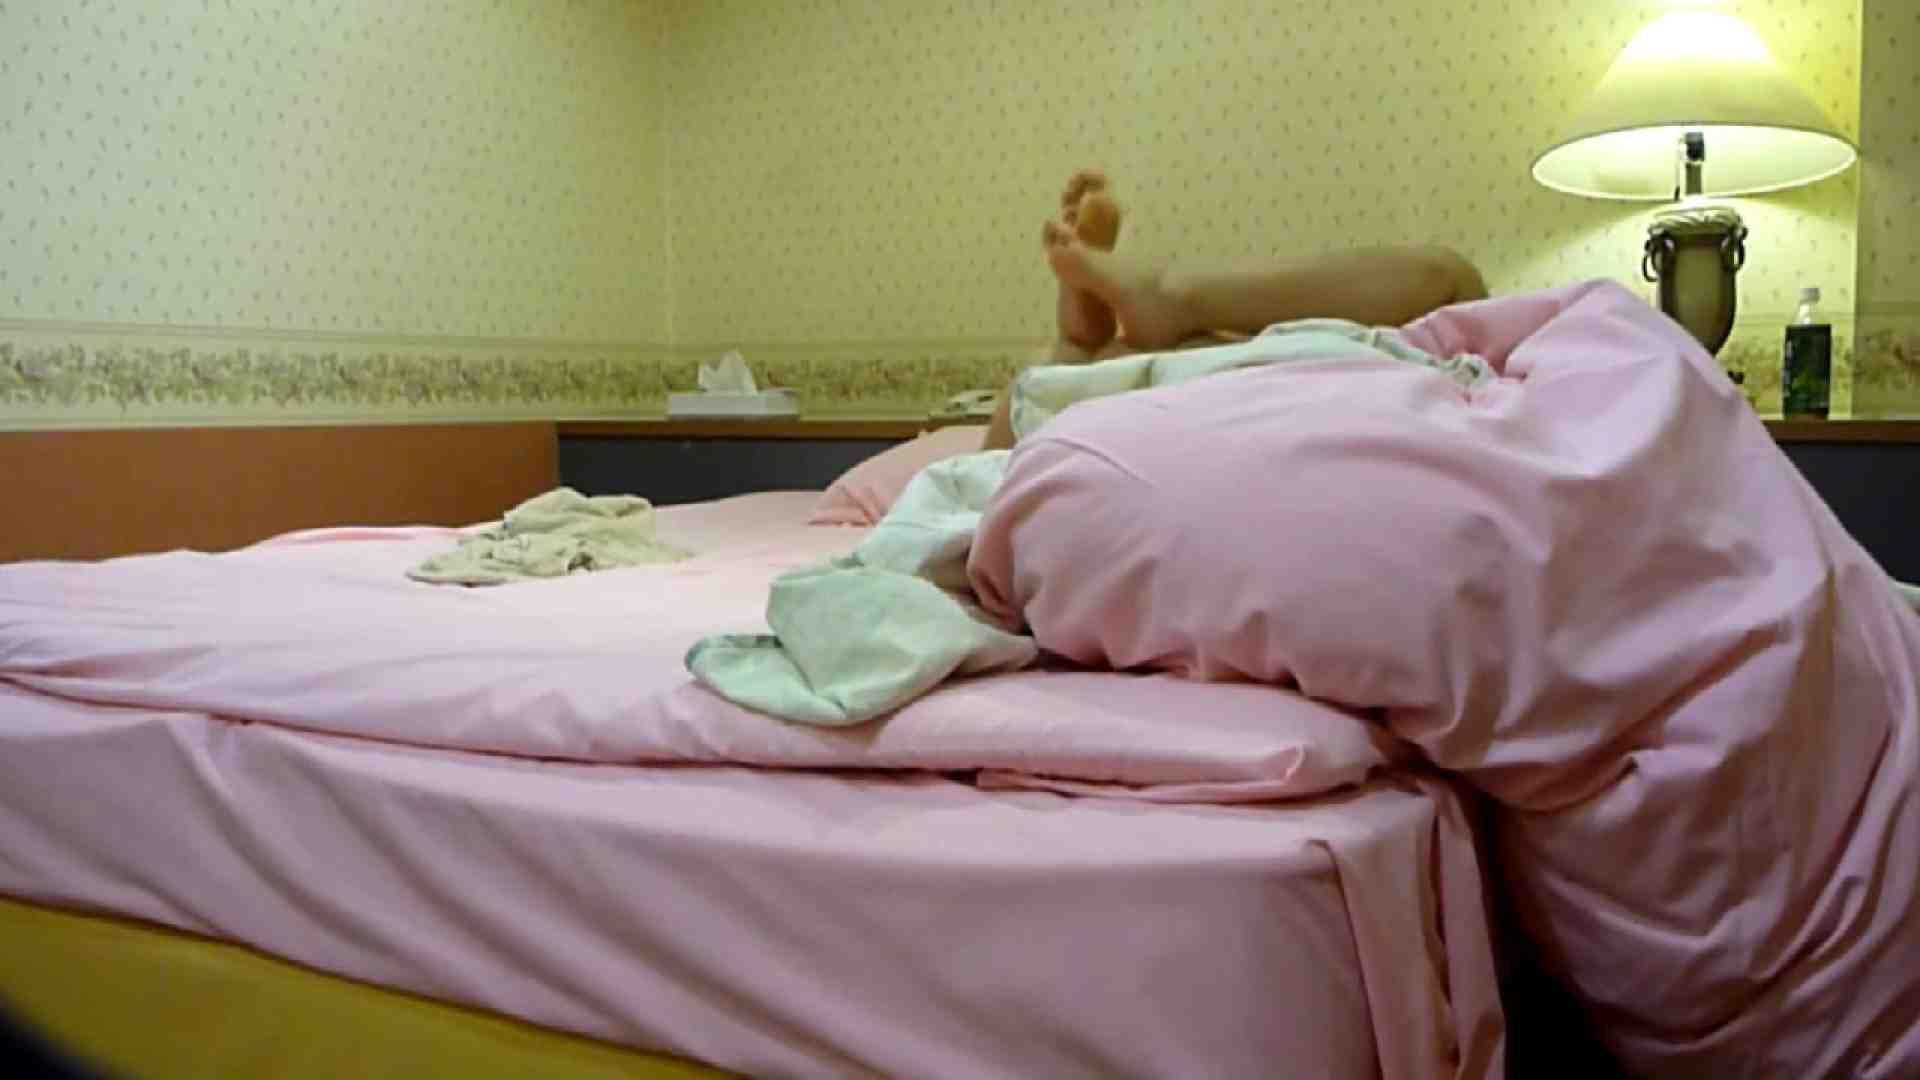 【完全素人投稿】誰にしようか!?やりチン健太の本日もデリ嬢いただきま~す!!05 投稿 セックス画像 107枚 14